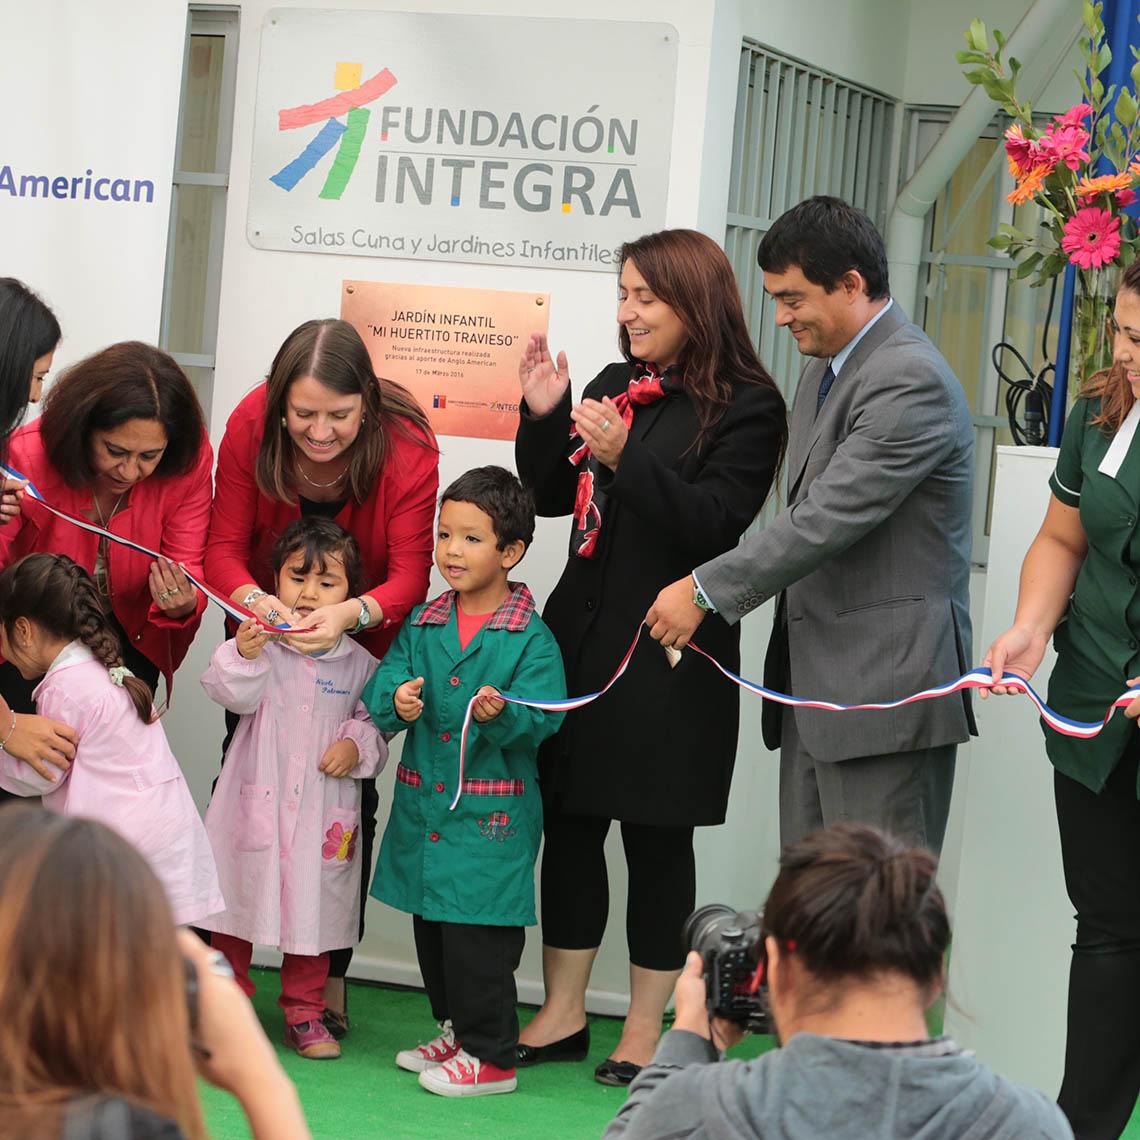 Inauguración nueva infraestructura en Jardín Infantil Mi Huertito Travieso